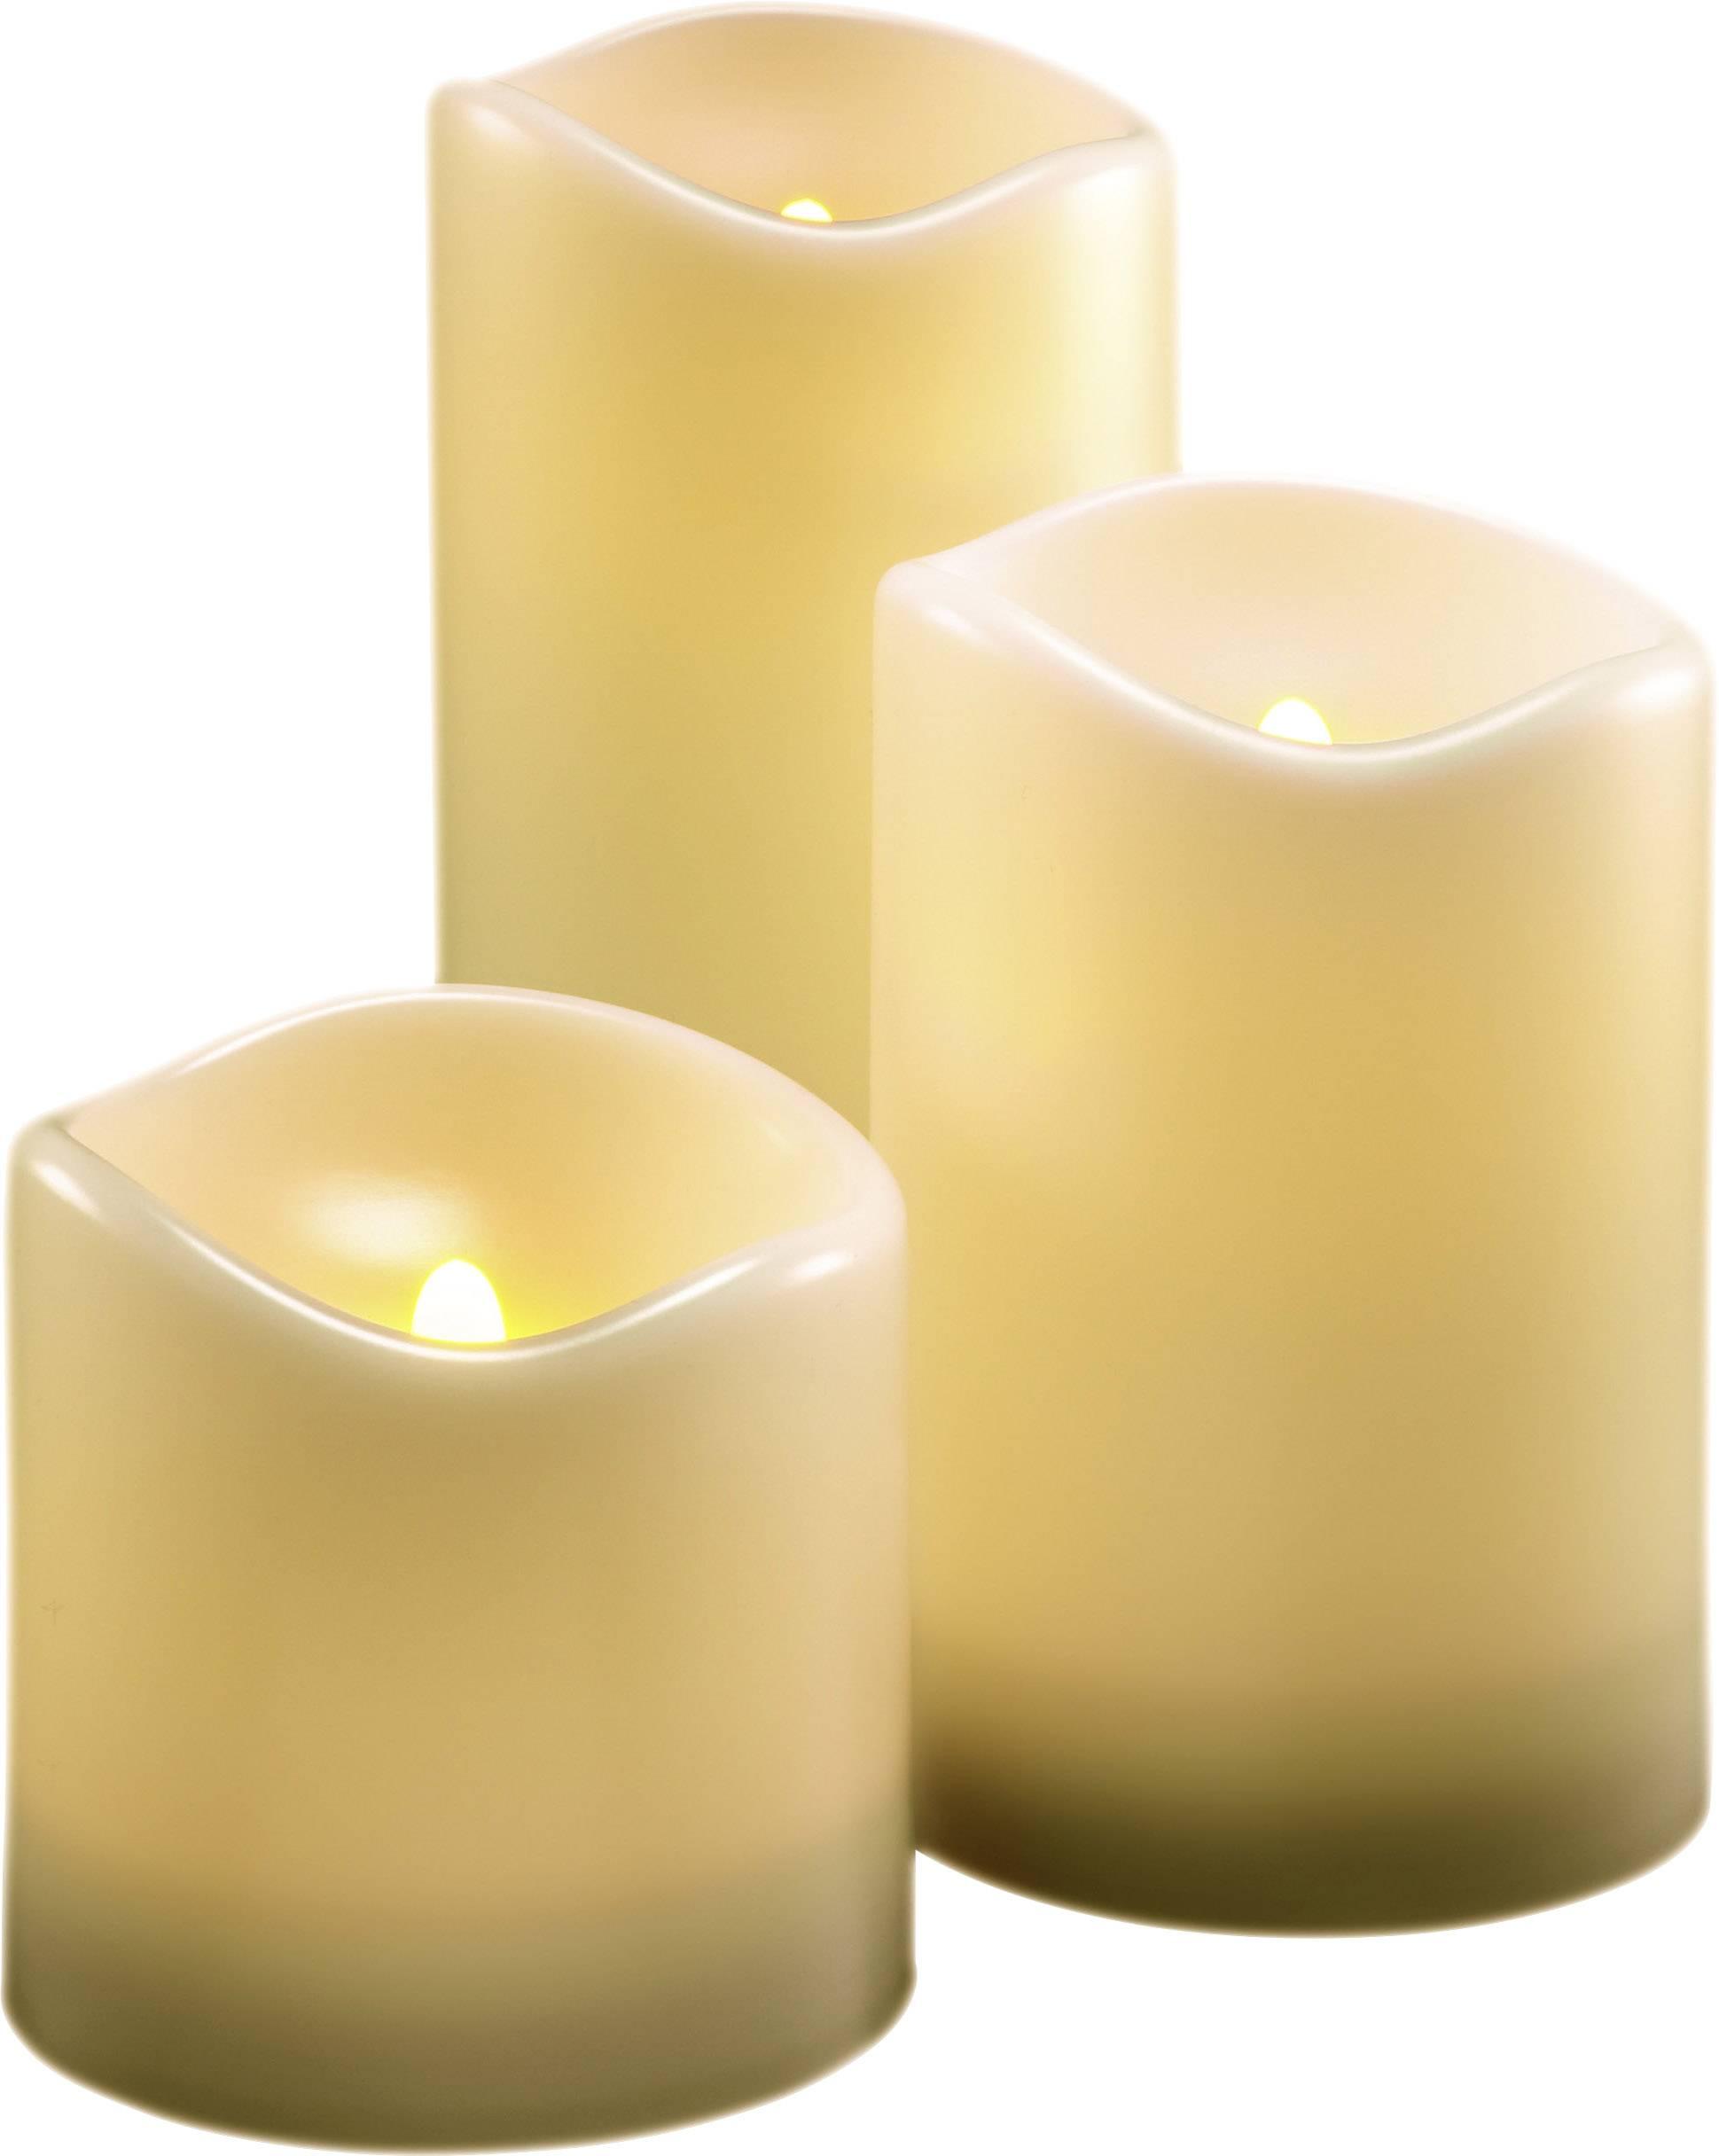 LED svíčka Polarlite vnitřní/venkovní, 3 ks